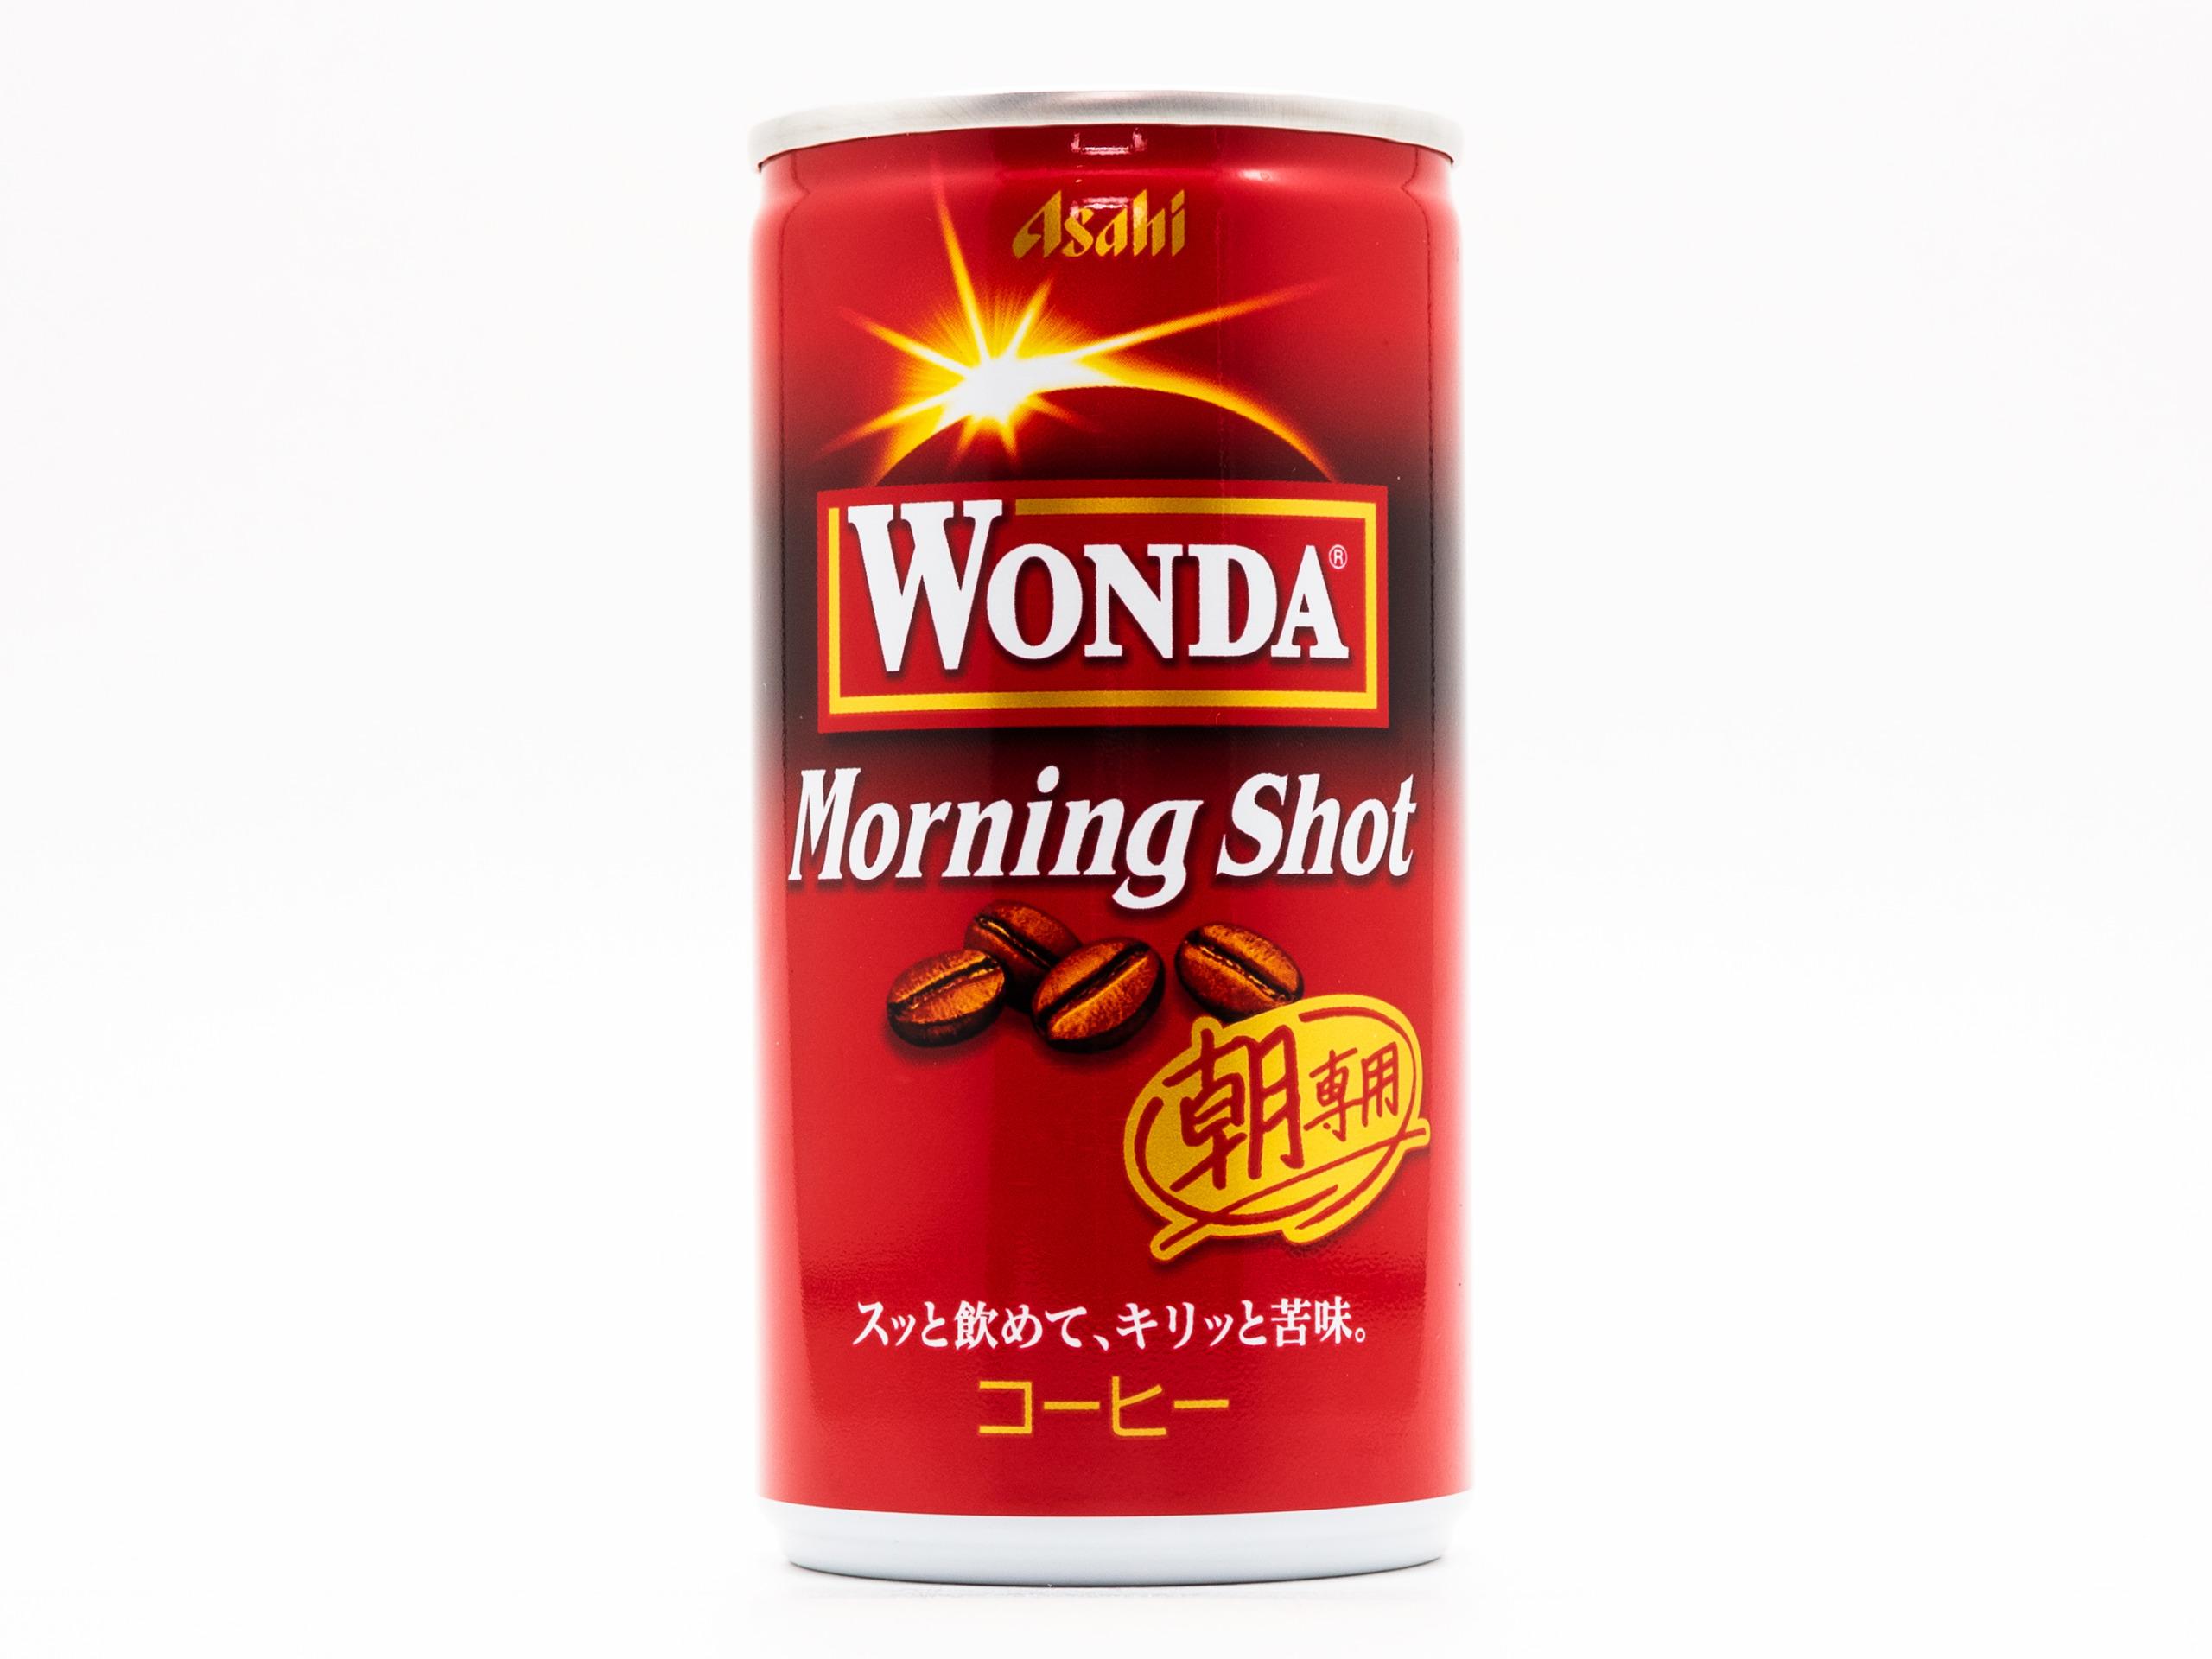 アサヒ飲料 WONDA モーニングショット